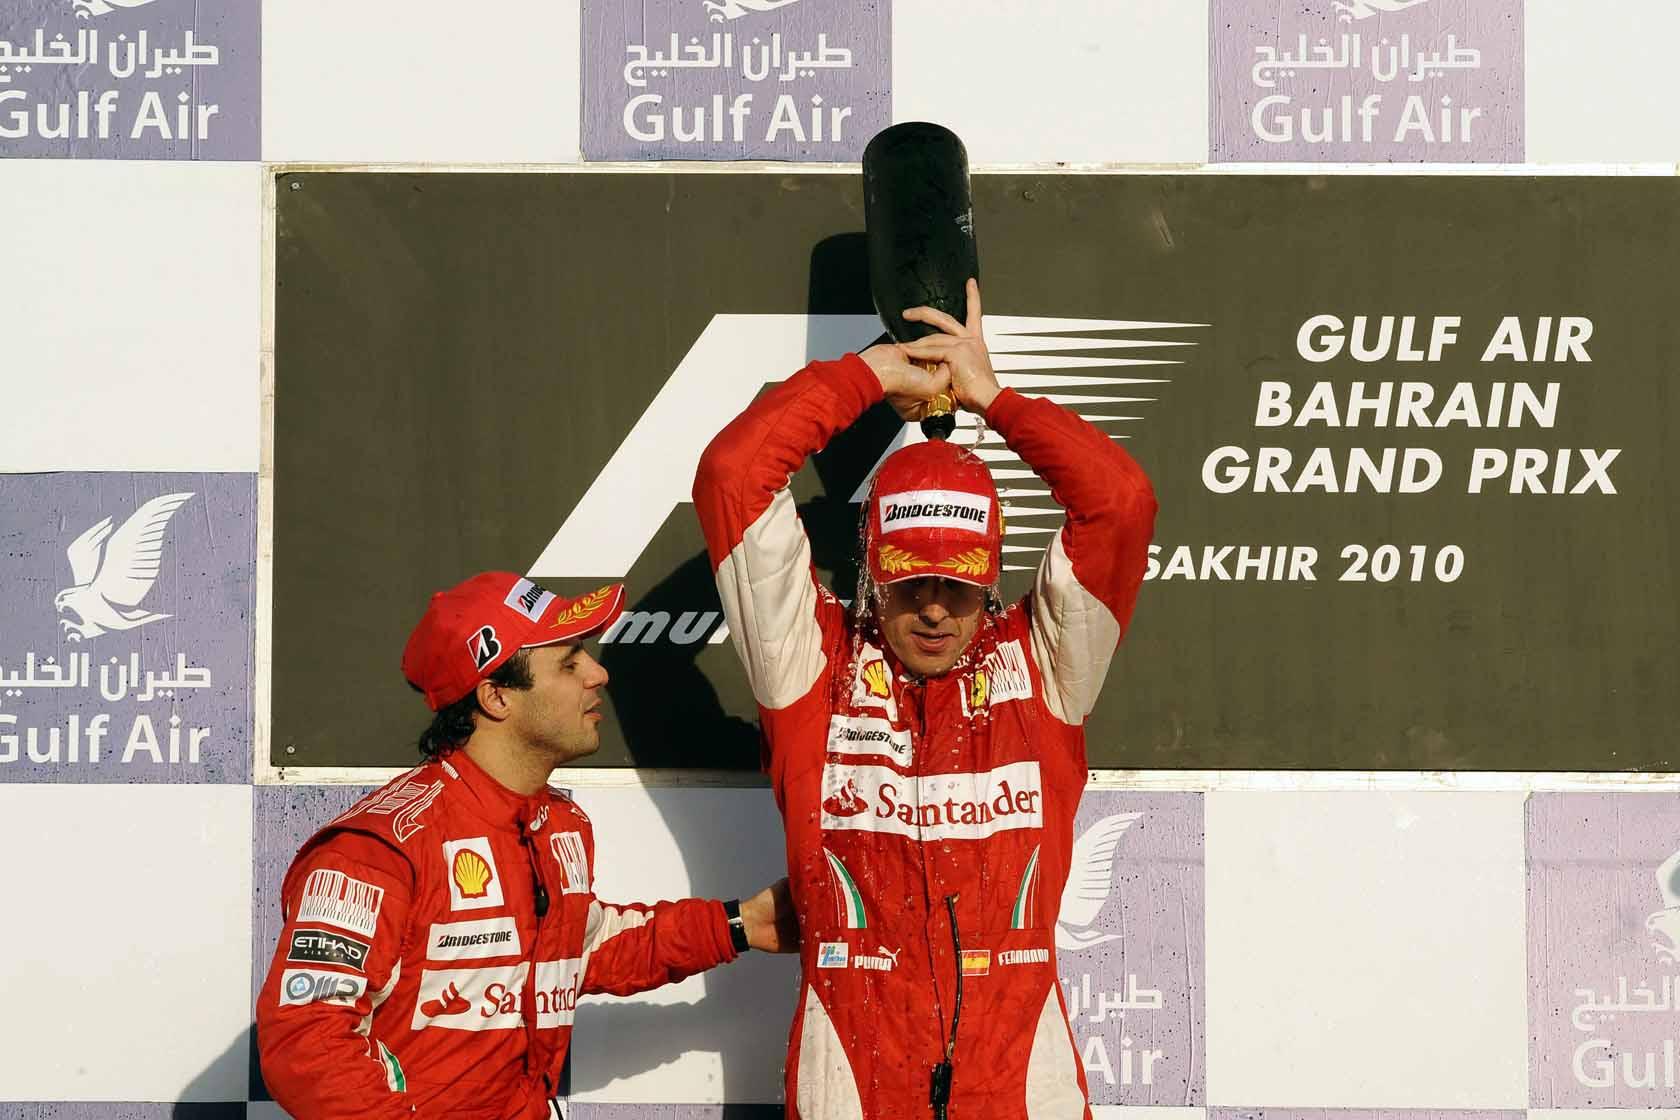 Fernando Alonso i Felipe Massa sjajno su započeli suradnju u Ferrariju 2010. dvostrukom pobjedom na prvoj utrci sezone u Bahrainu. Stvari nisu izgledale tako sjajno nakon VN Njemačke. (14.3.2010.) Foto: f1fanatic